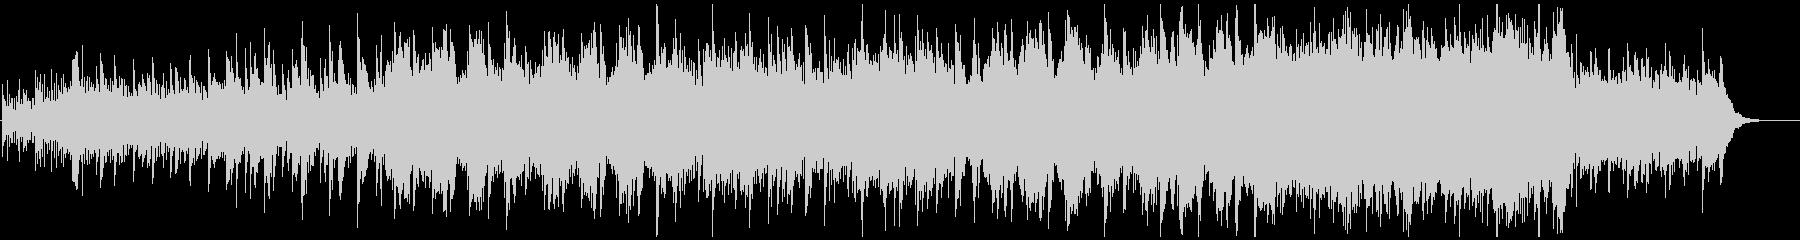 神秘的、感動的なピアノハープストリングスの未再生の波形